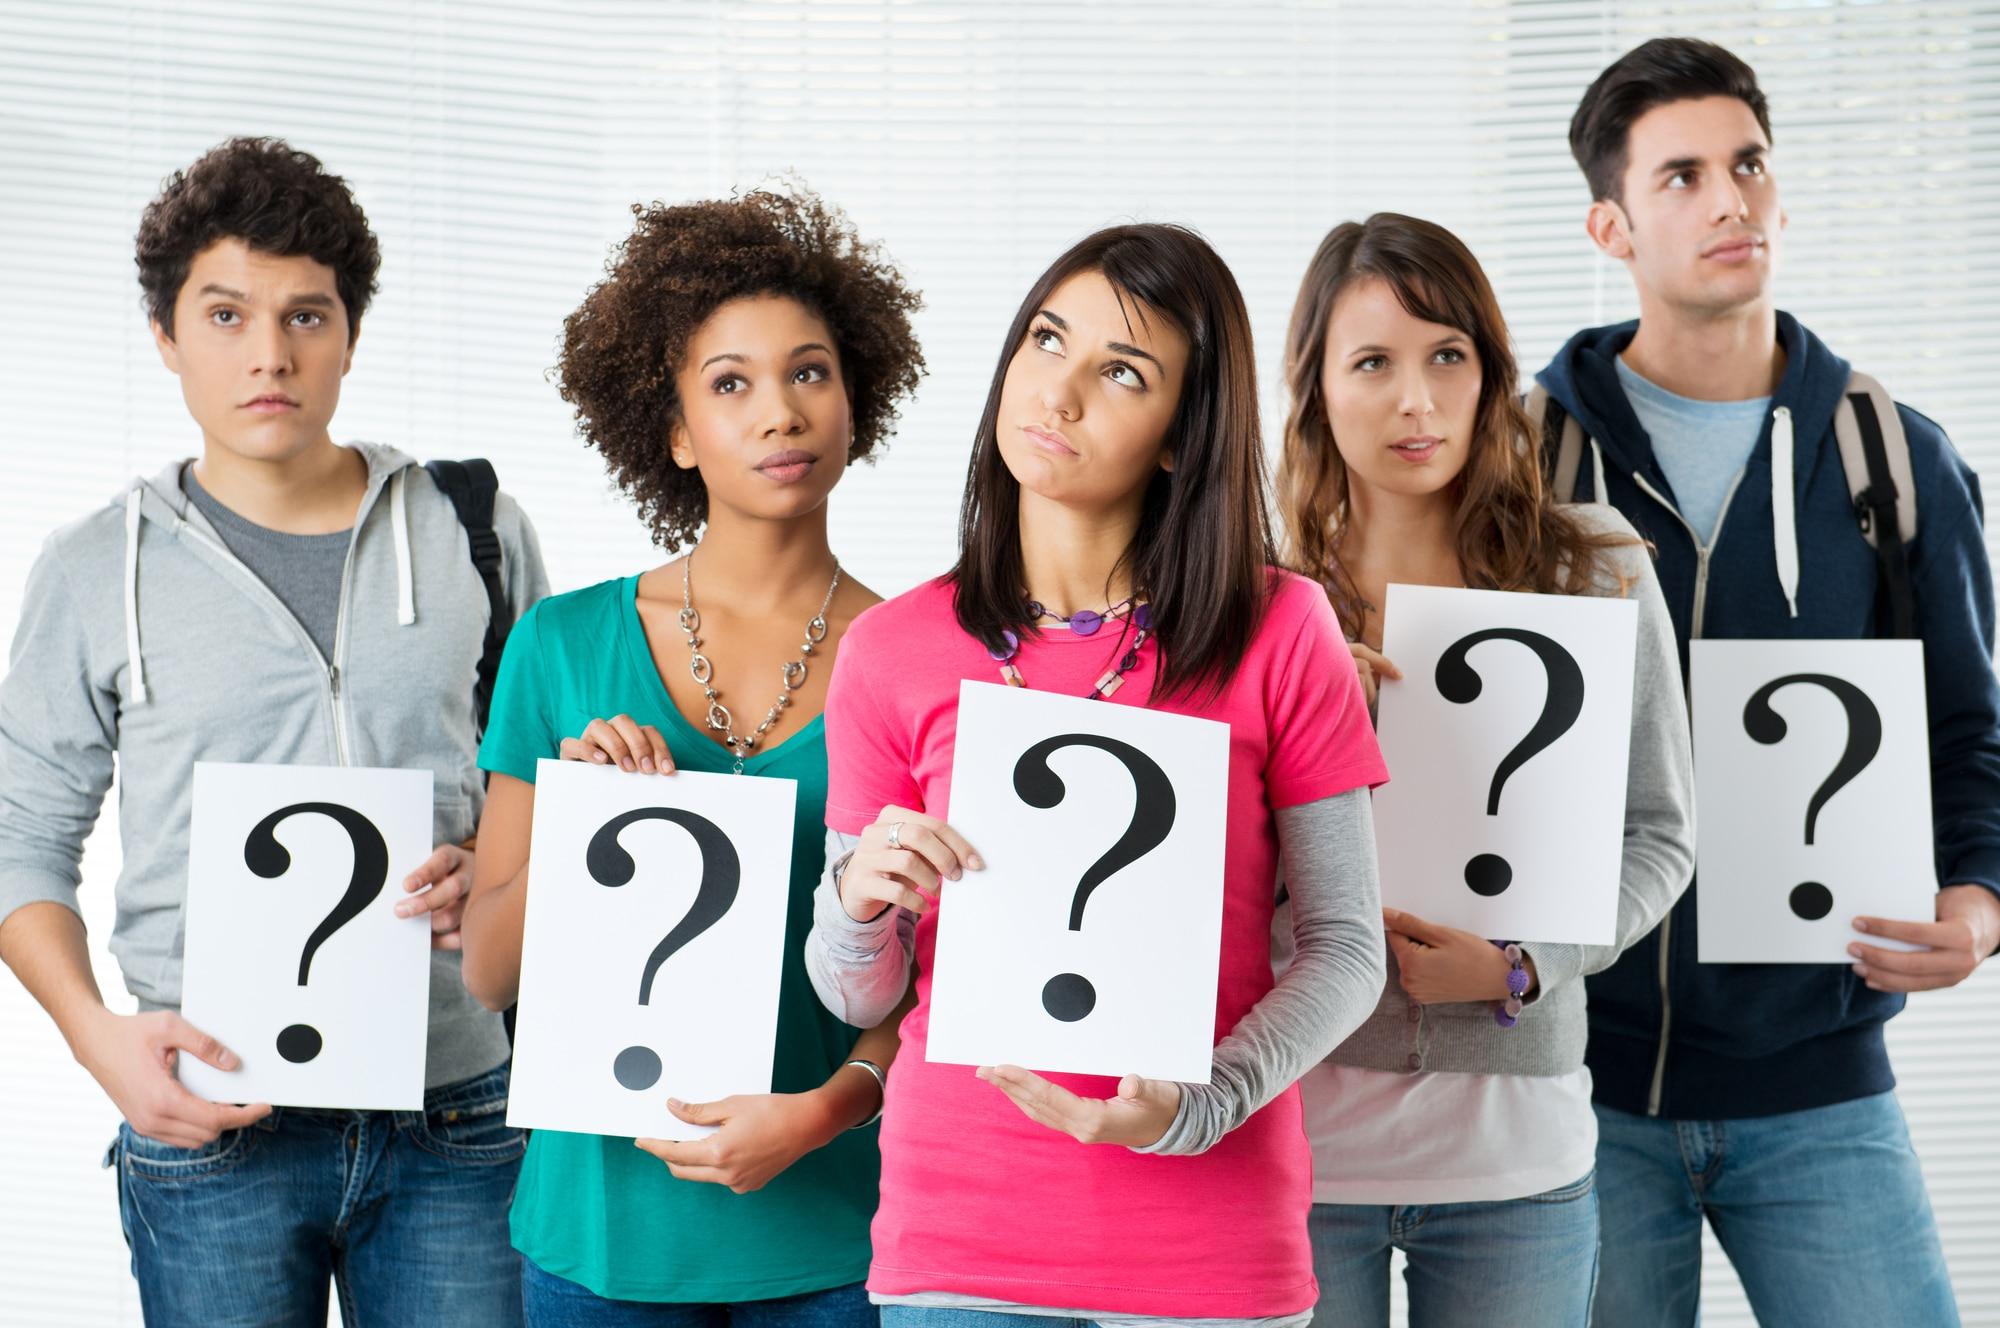 speak teenager